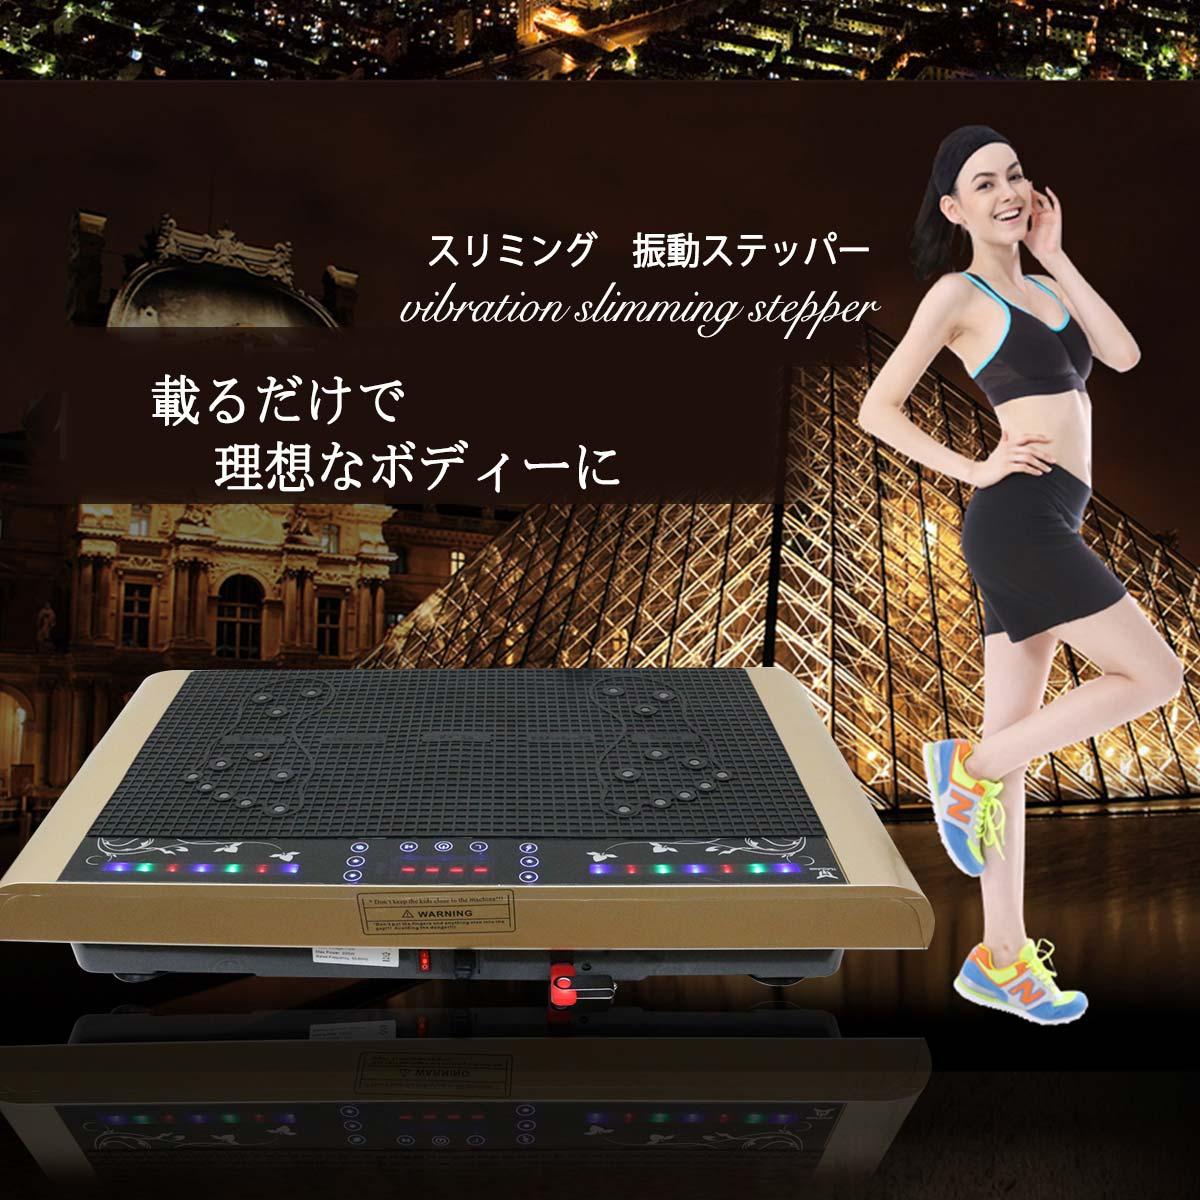 ぶるぶる振動マシンスリミング 振動ステッパー イルミネーション型 音楽プレイヤー機能付 老害物排出 脂肪燃焼 エクスサイズ